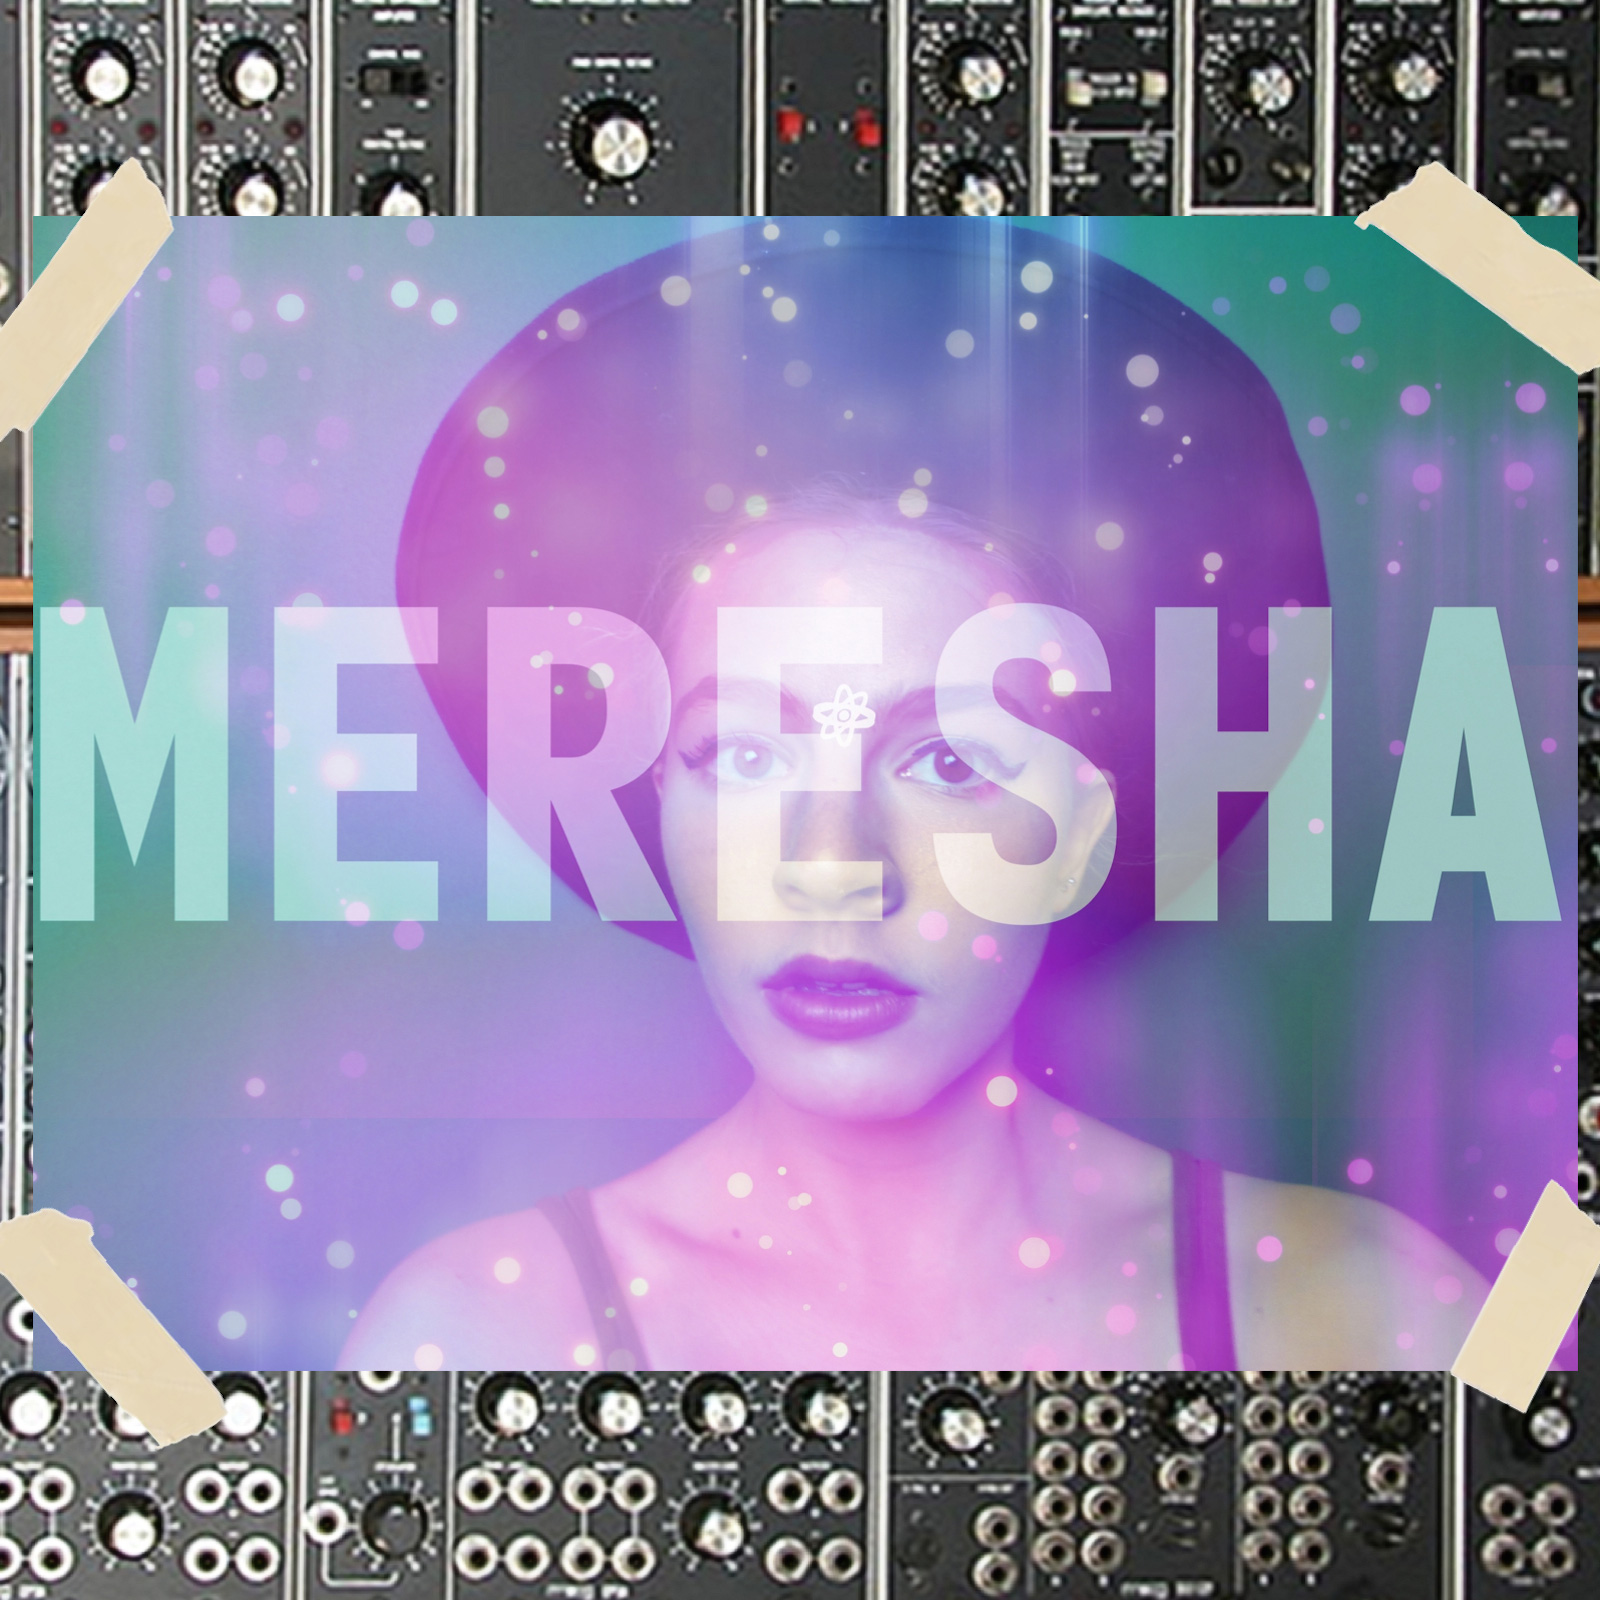 Meresha-New-Revolution